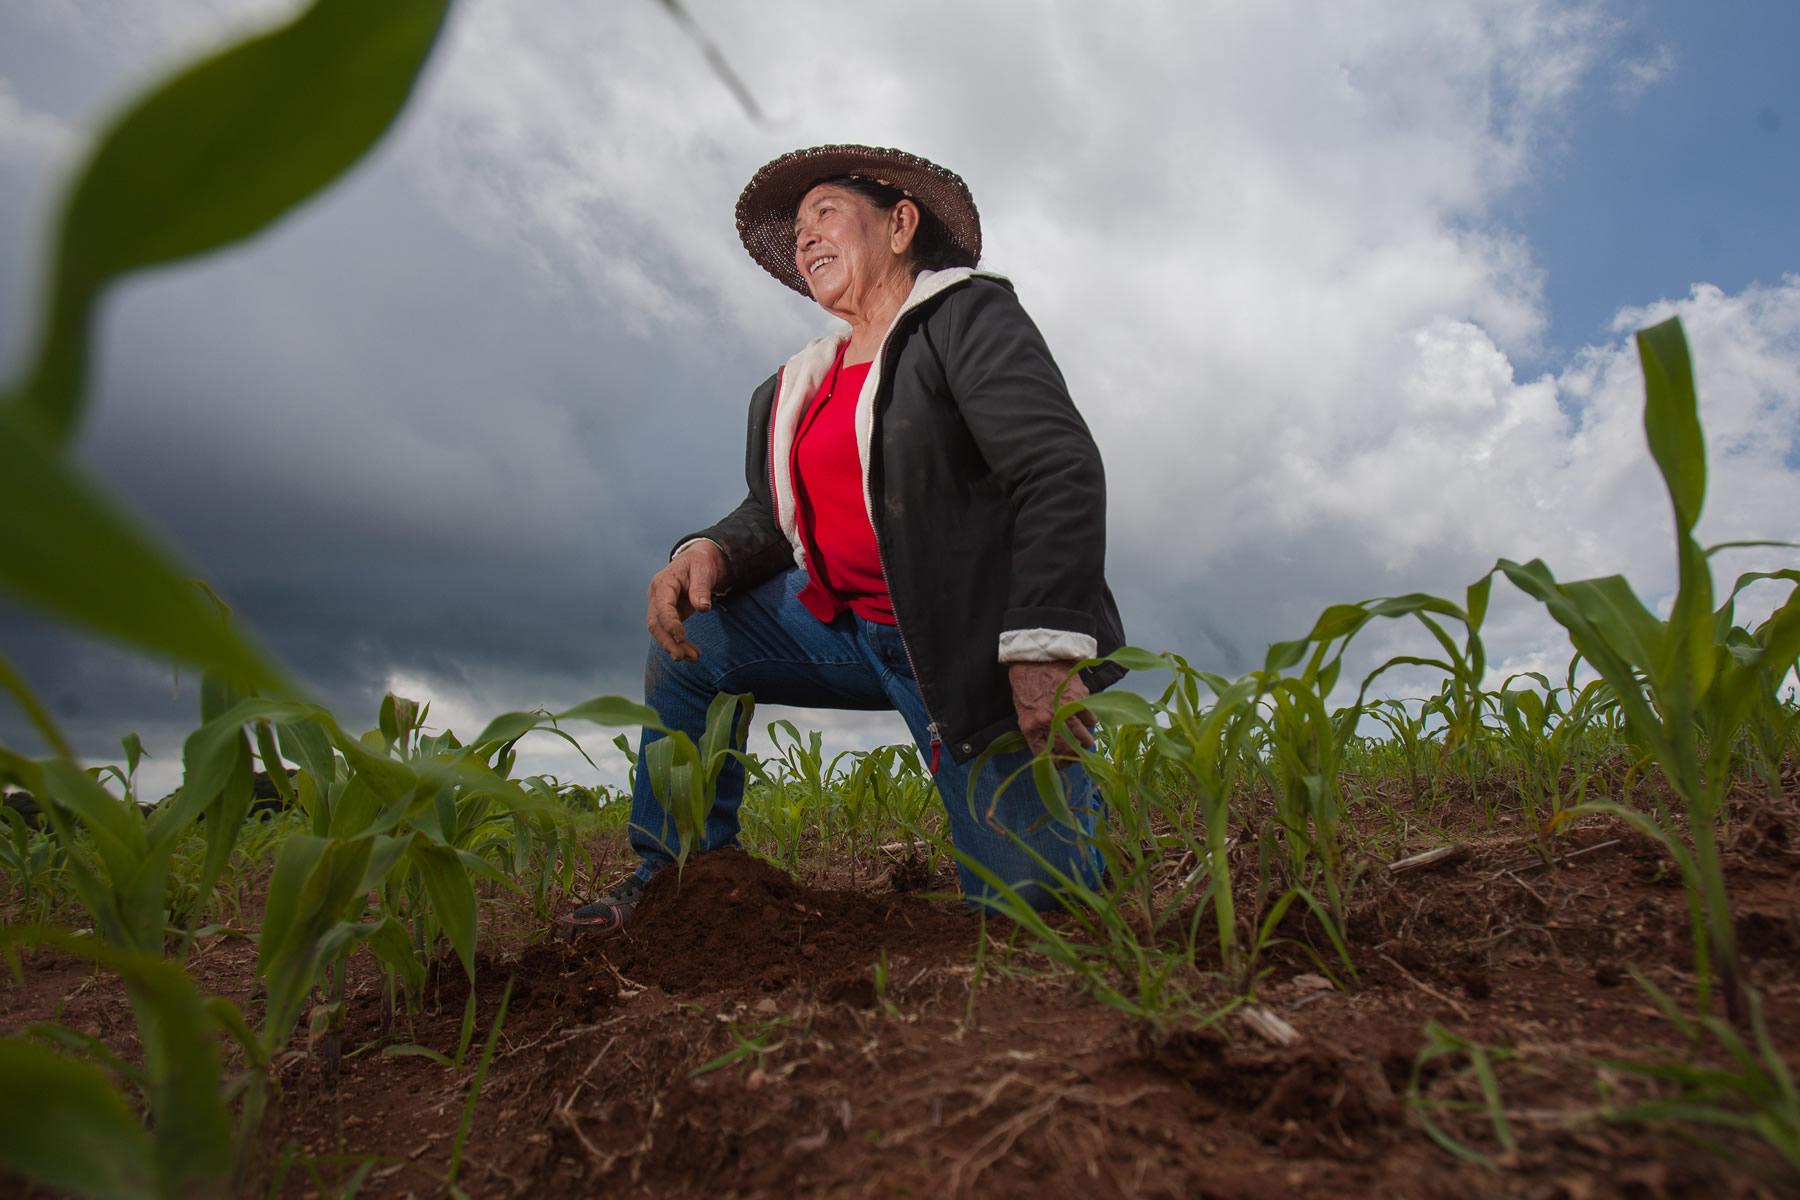 El 85.8% de las mujeres se dedican a la agricultura; el 12%, ganadería, y el resto se dedican a la pesca y otras actividades productivas.